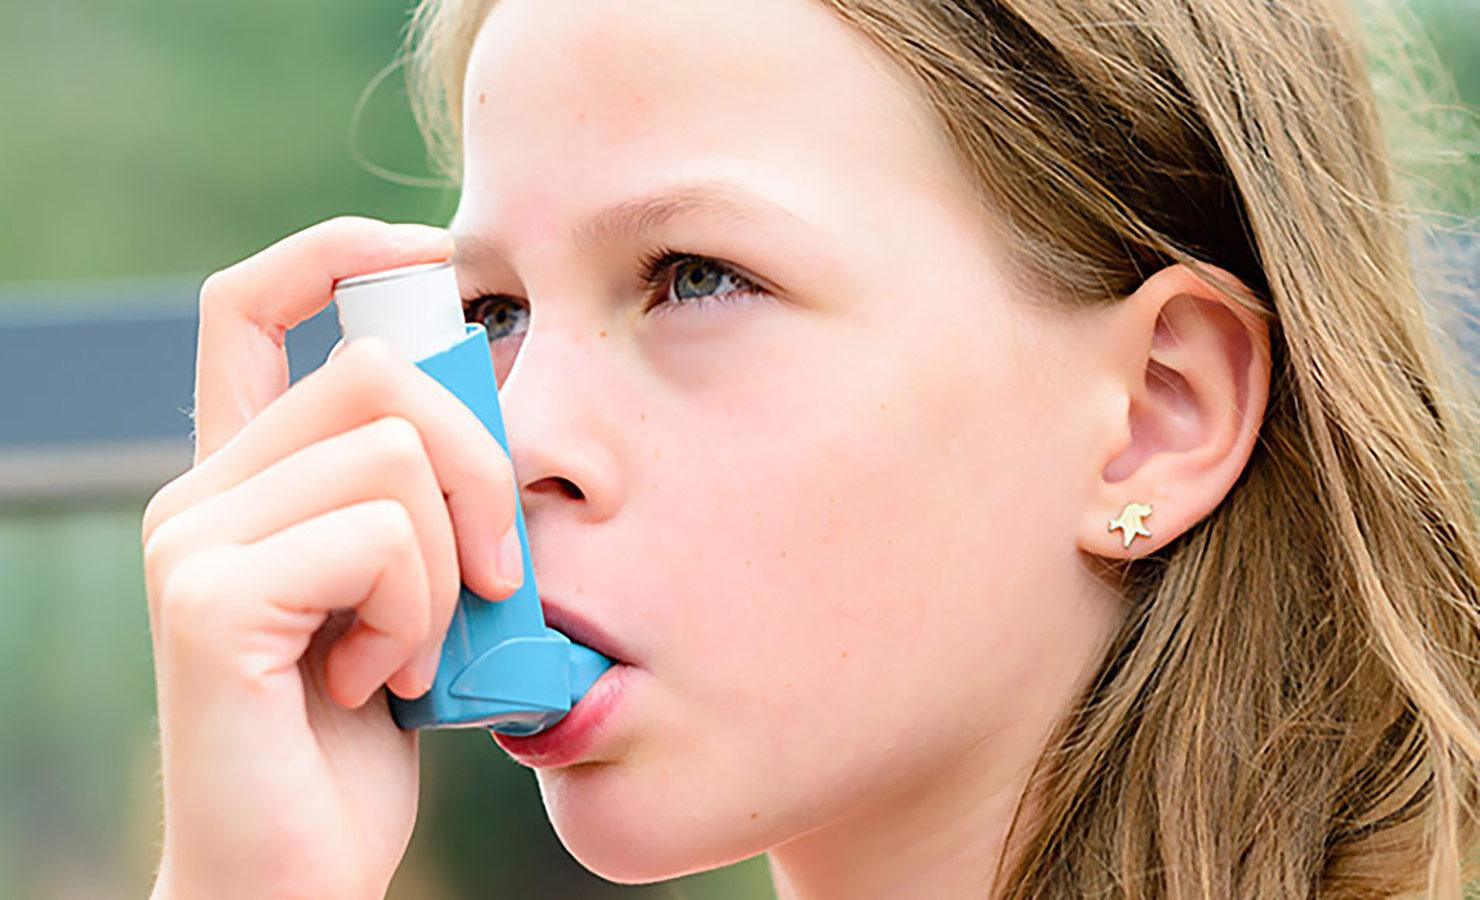 Child using inhaler